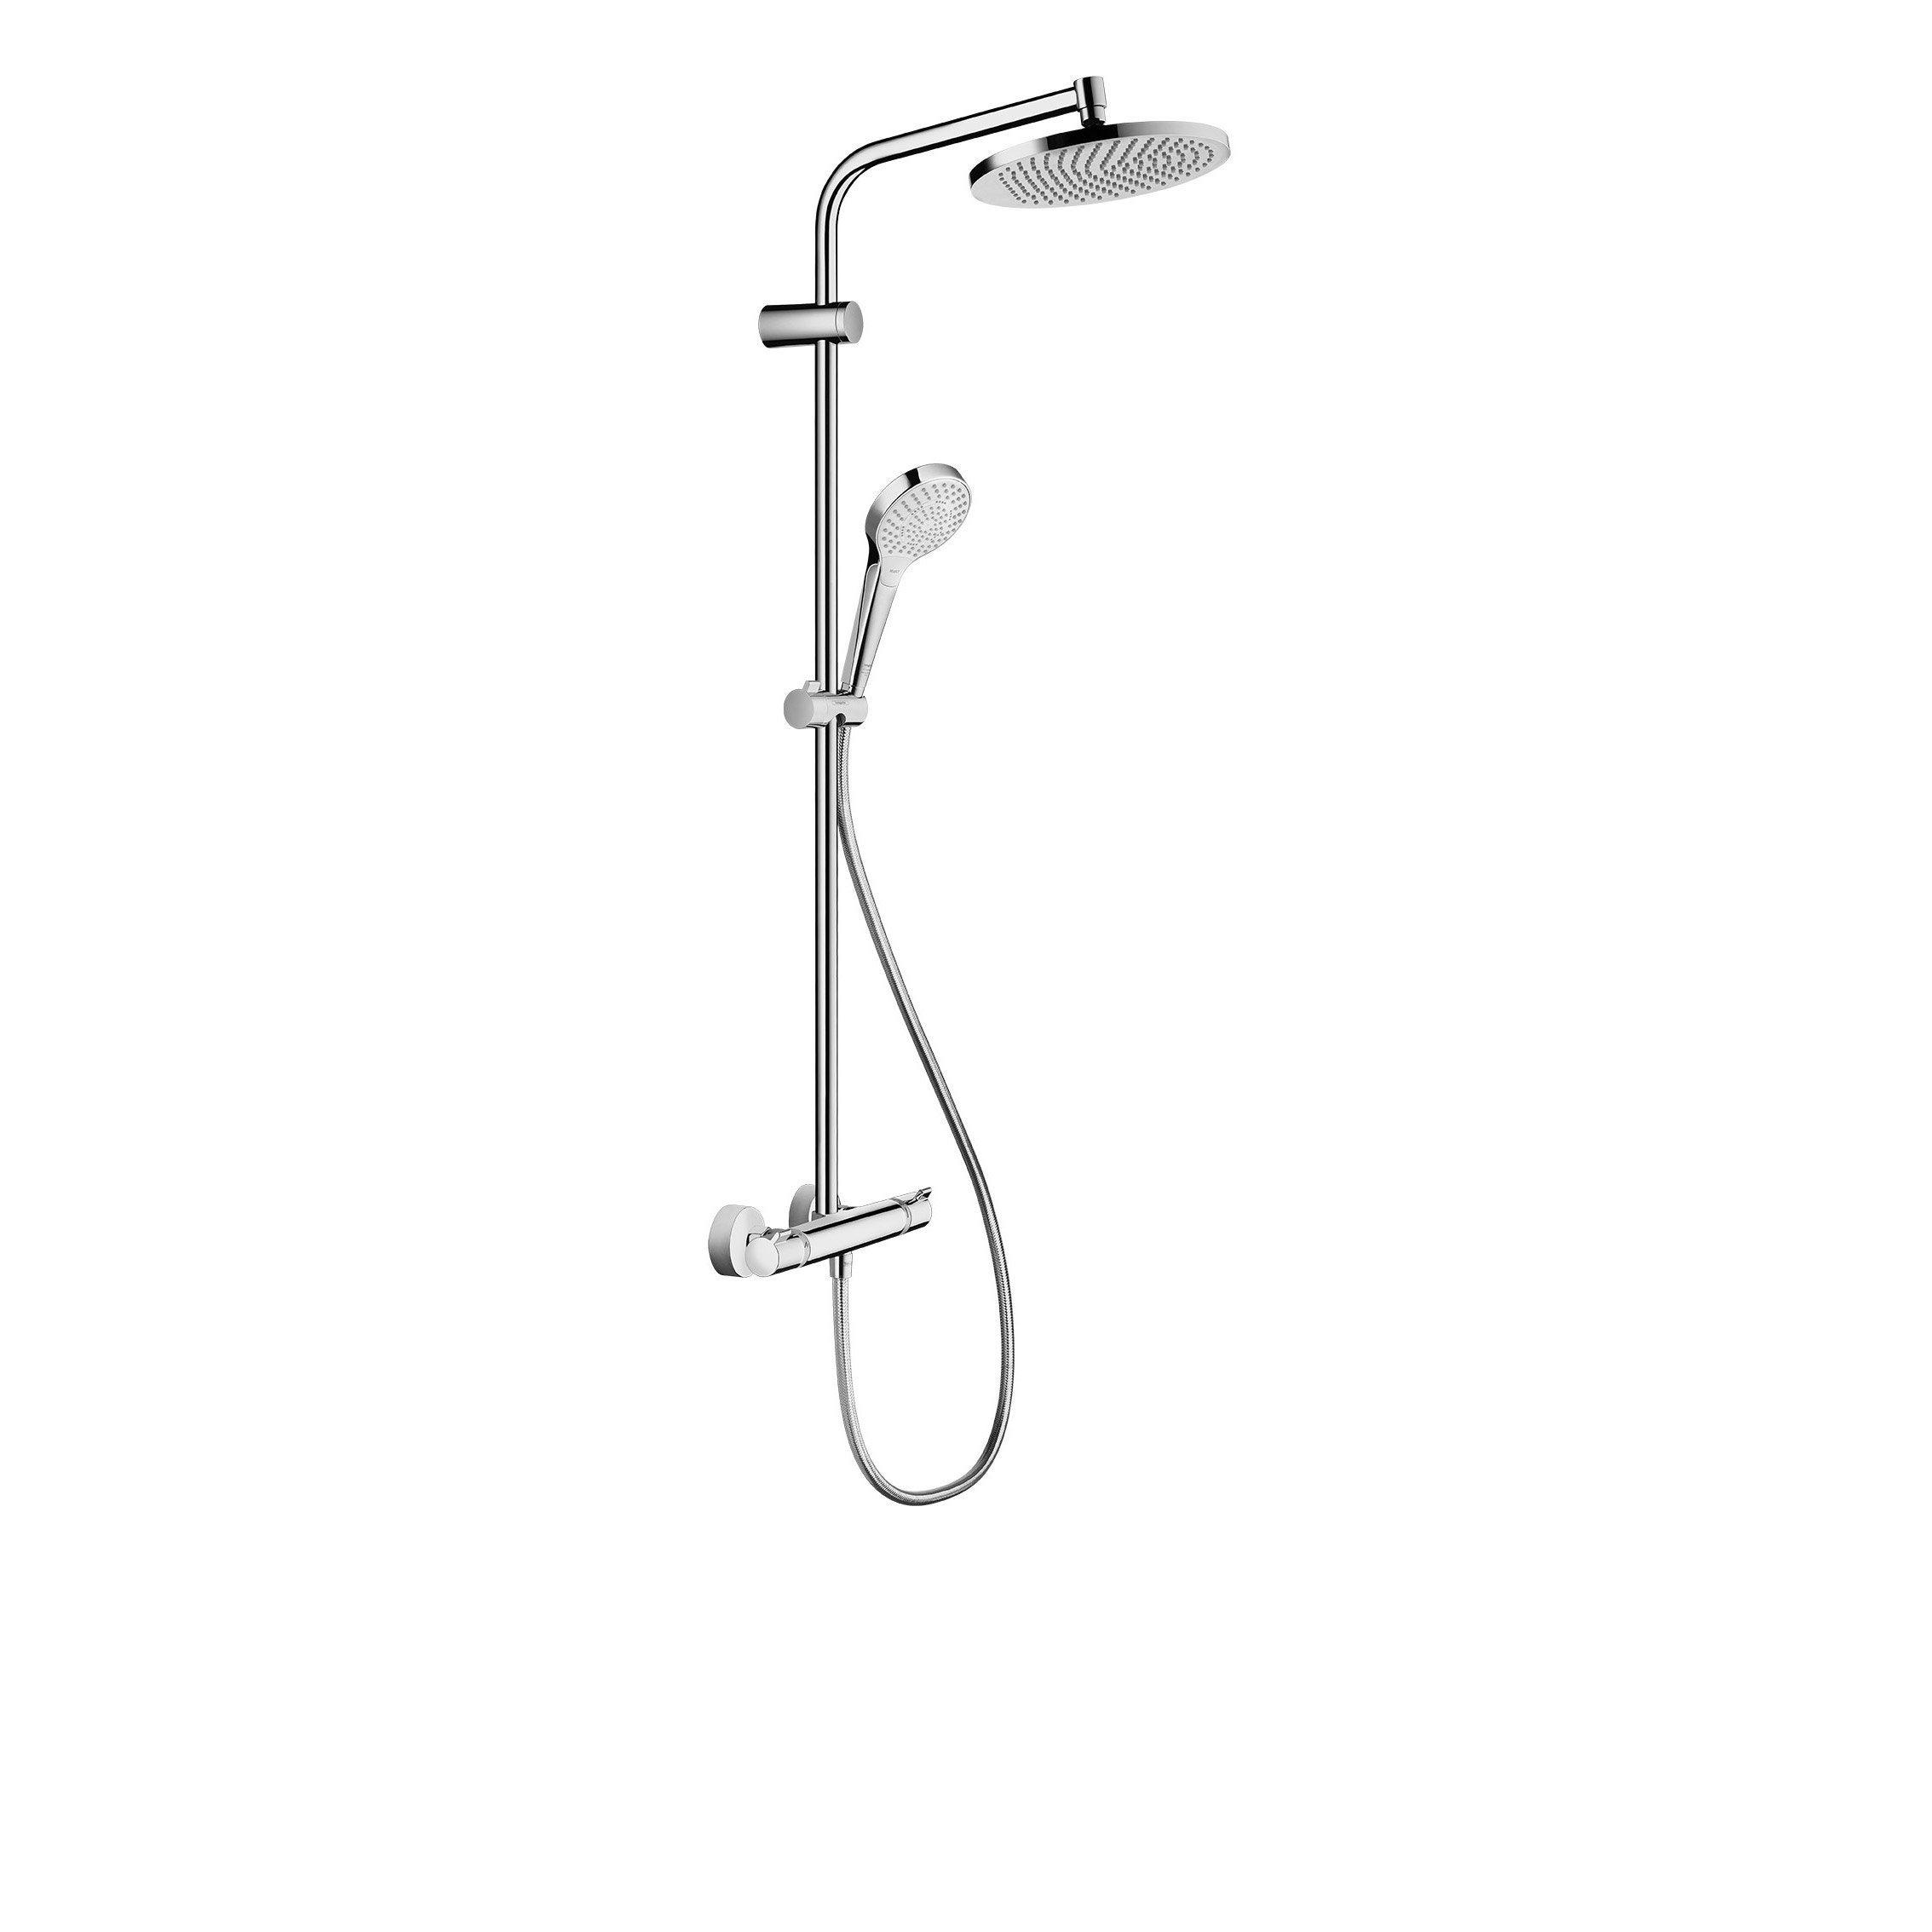 Colonne de douche avec robinetterie, HANSGROHE Lmh s 240 showerpipe